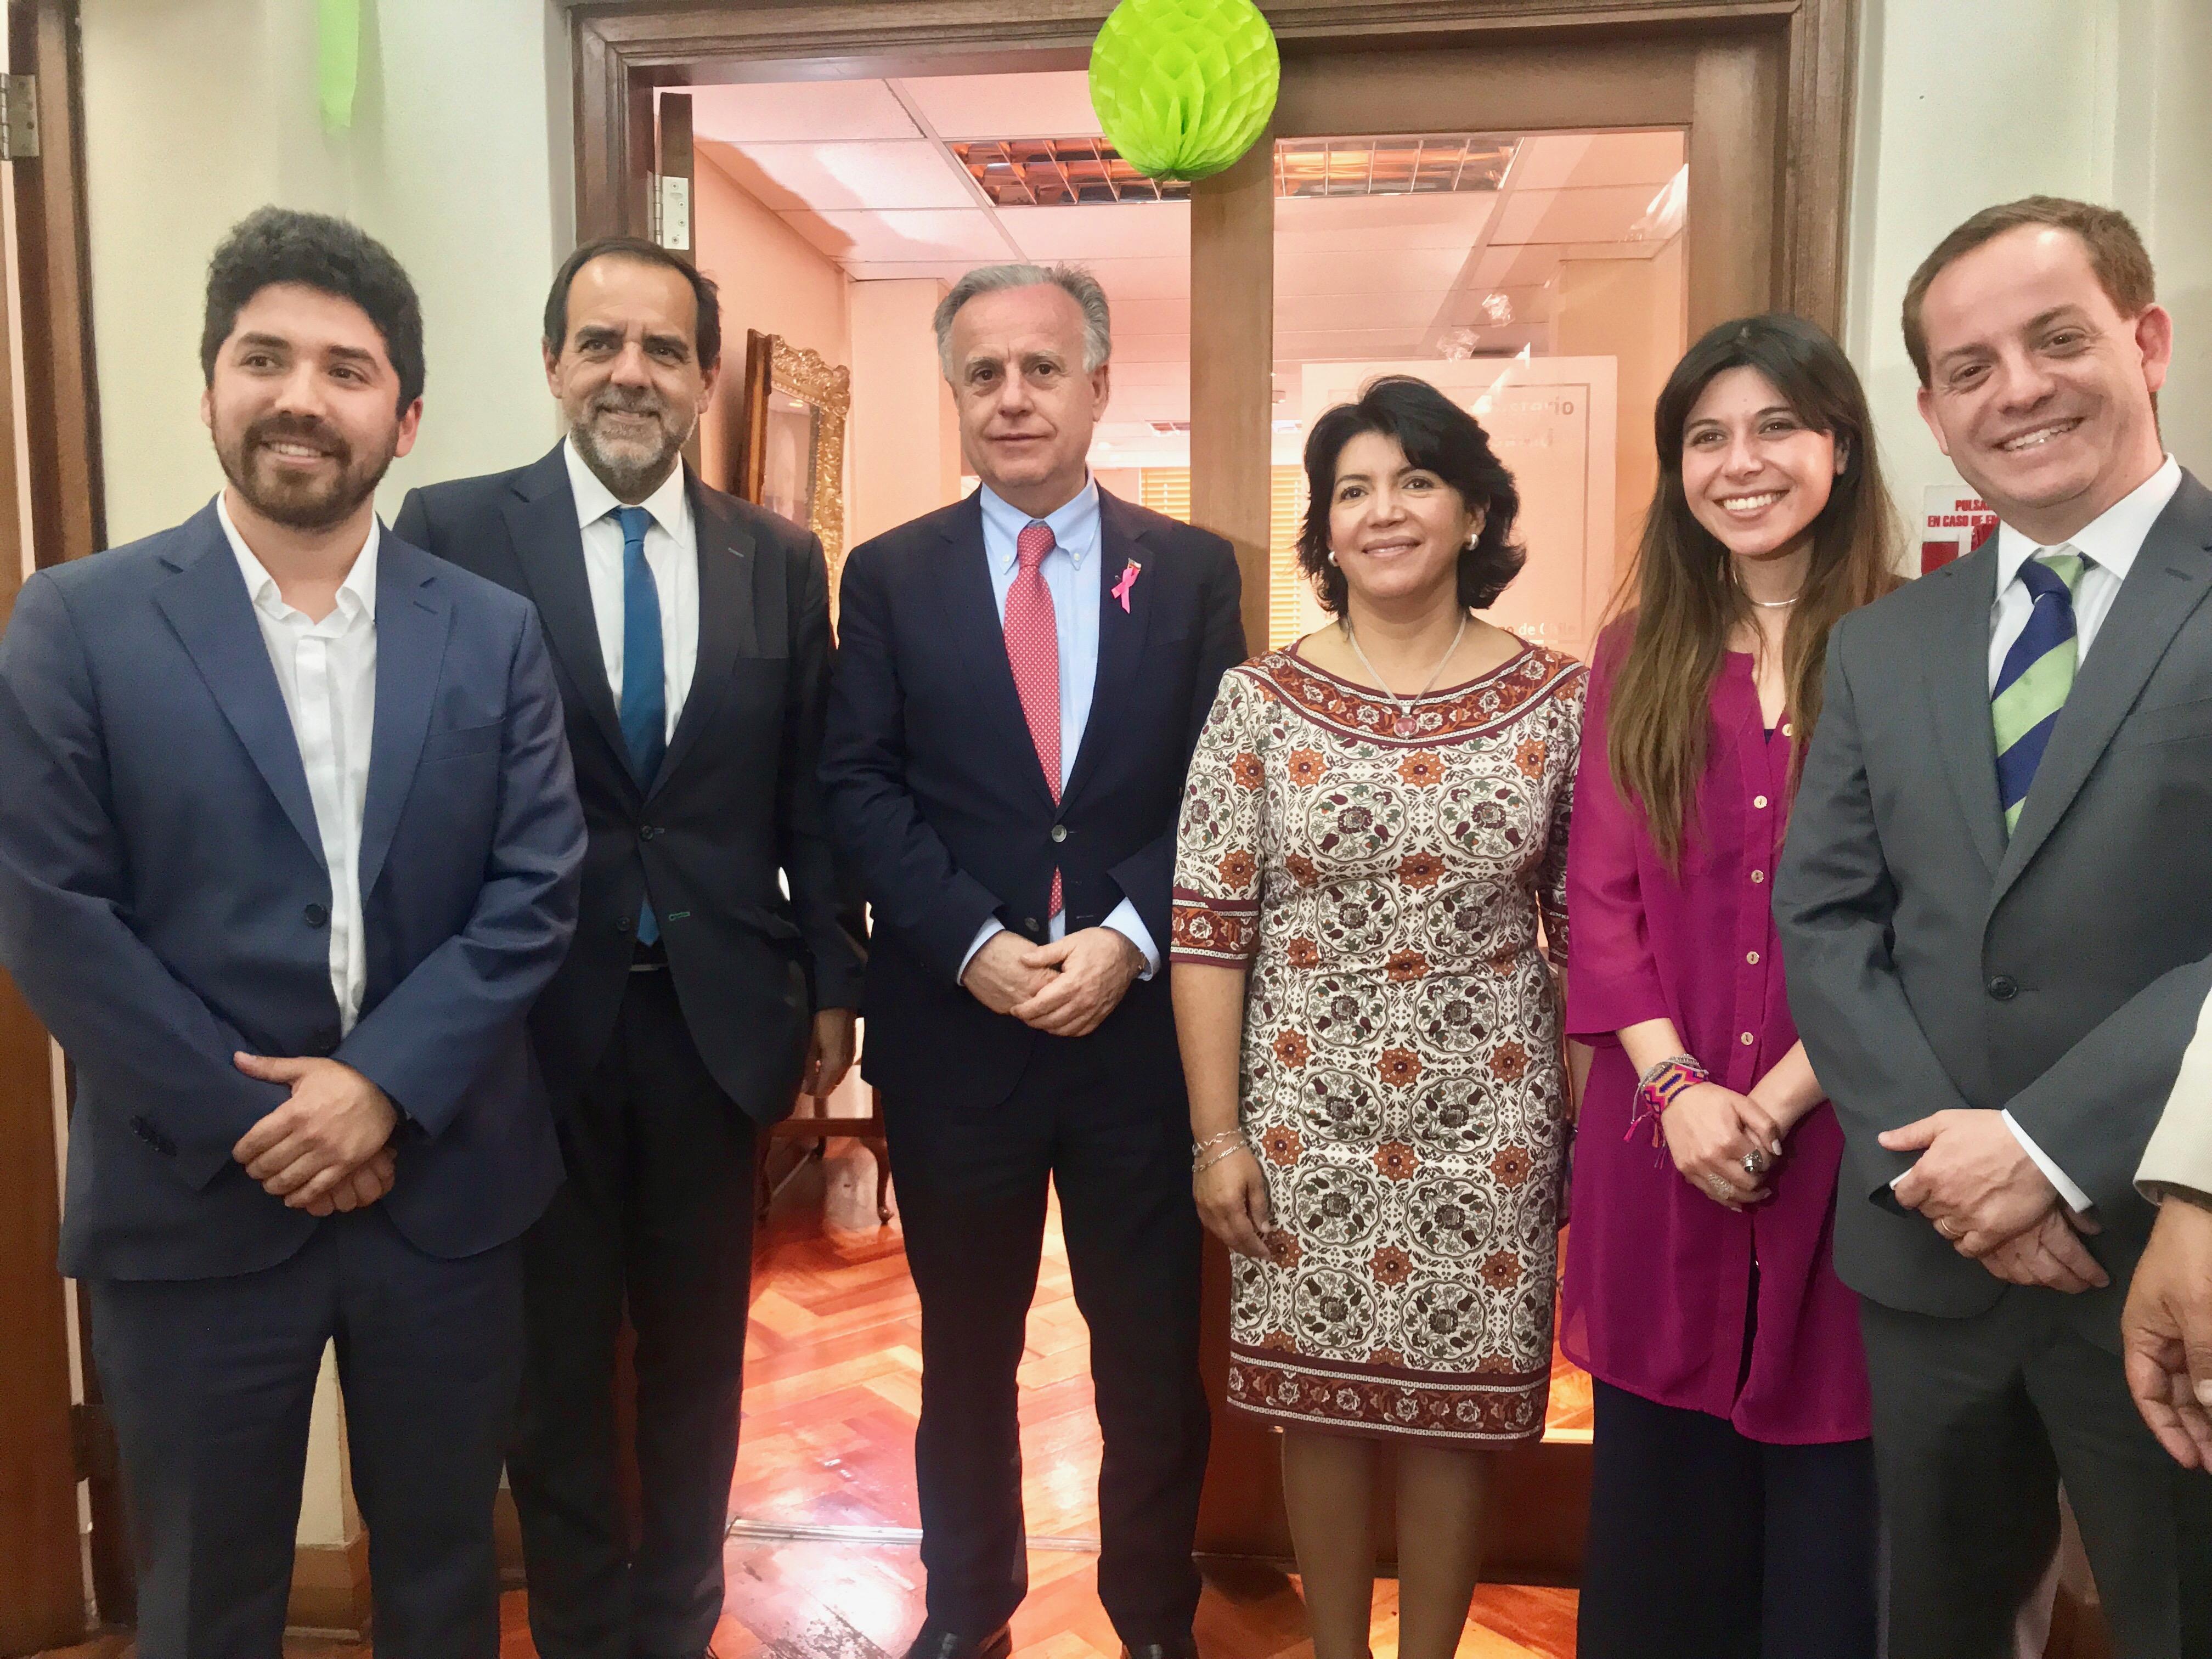 """Diputado Mulet (FREVS) exige al Minsal un """"trato igualitario"""" de parte del Estado en salud  hacia los habitantes de Atacama"""